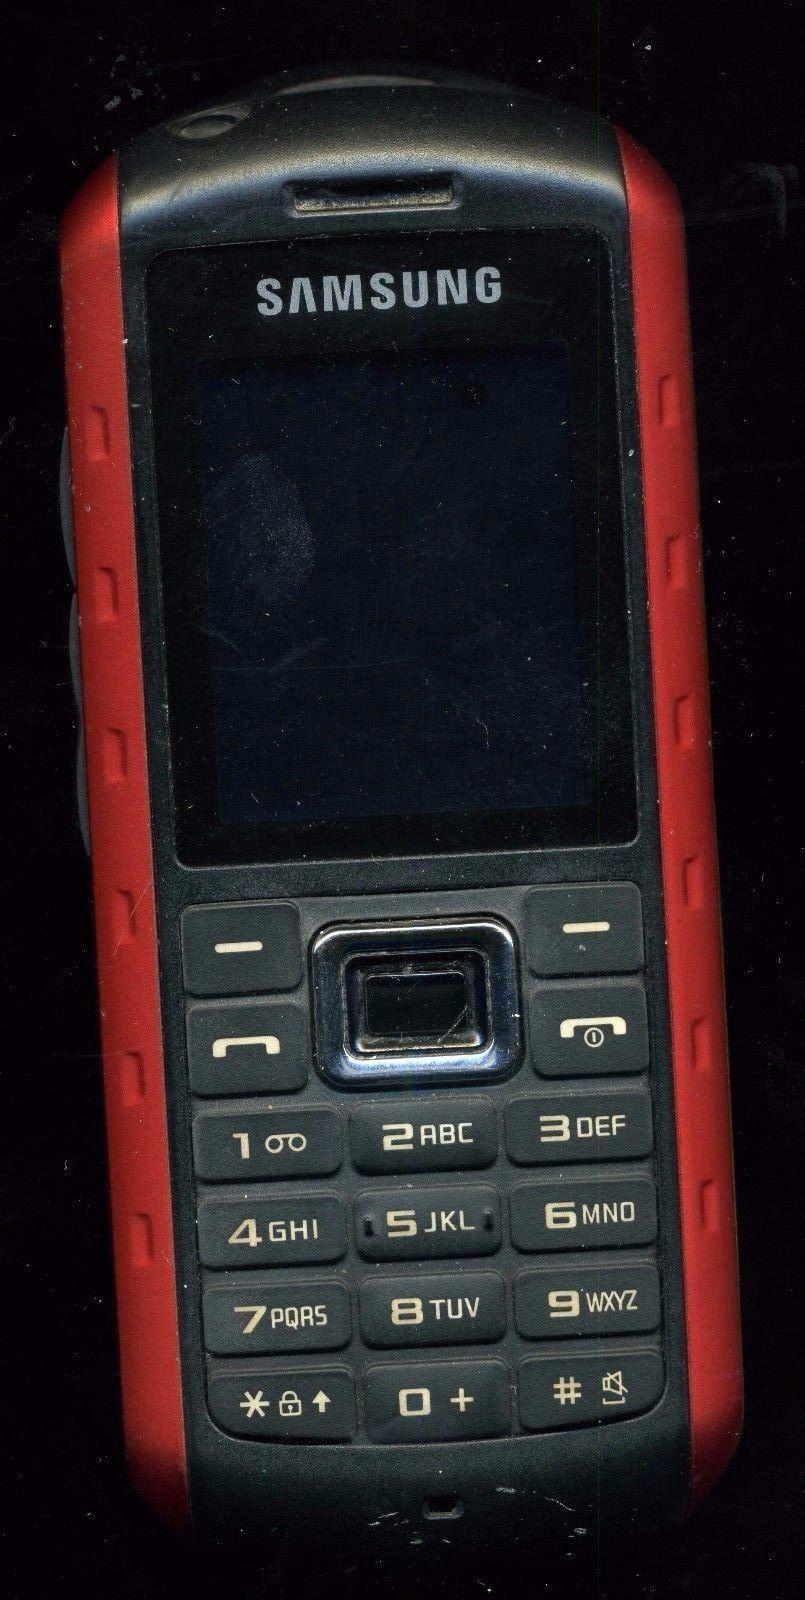 Hafury A7 Smartphone Ohne Vertrag Schwarz Elektronik Foto Handys Zubehor Zubehor Schutzfolien Elektronik Samsung Gear Watch Samsung Gear Fit Samsung Gear